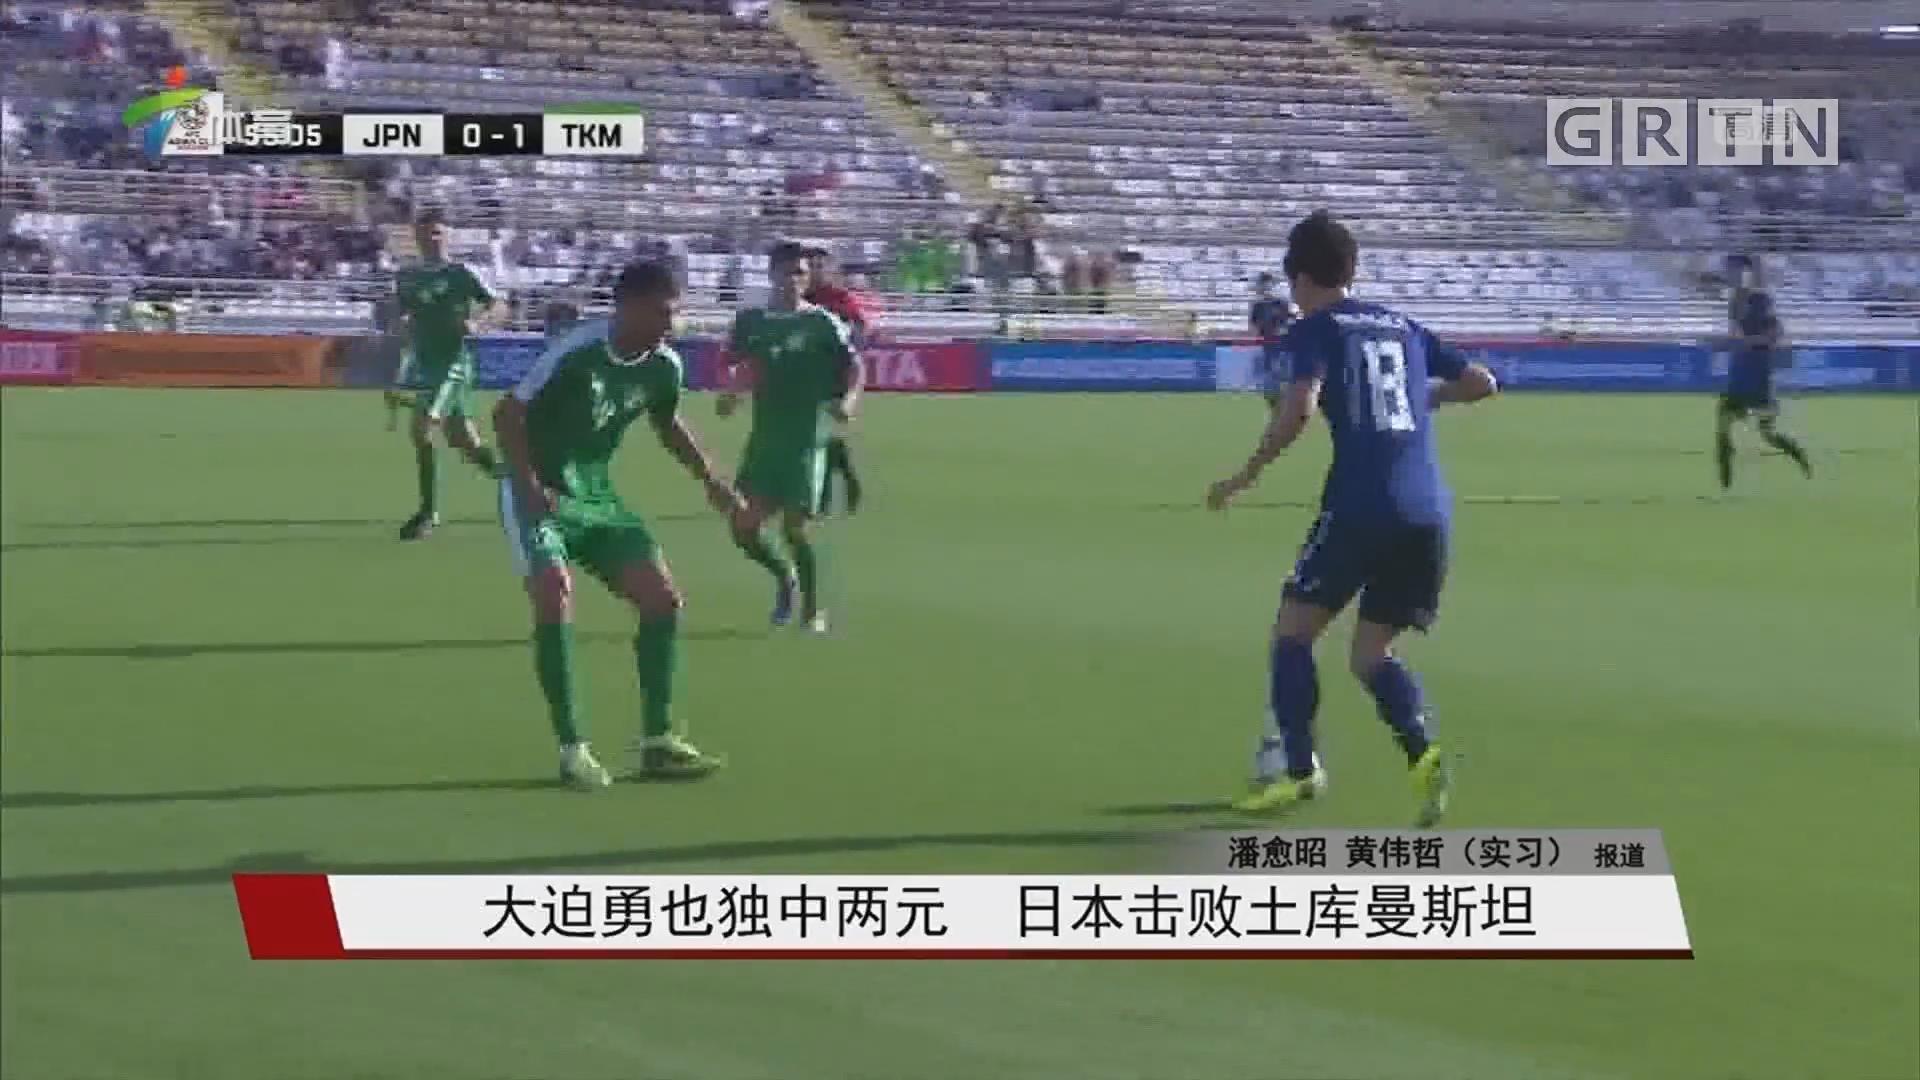 大迫勇也独中两元 日本击败土库曼斯坦